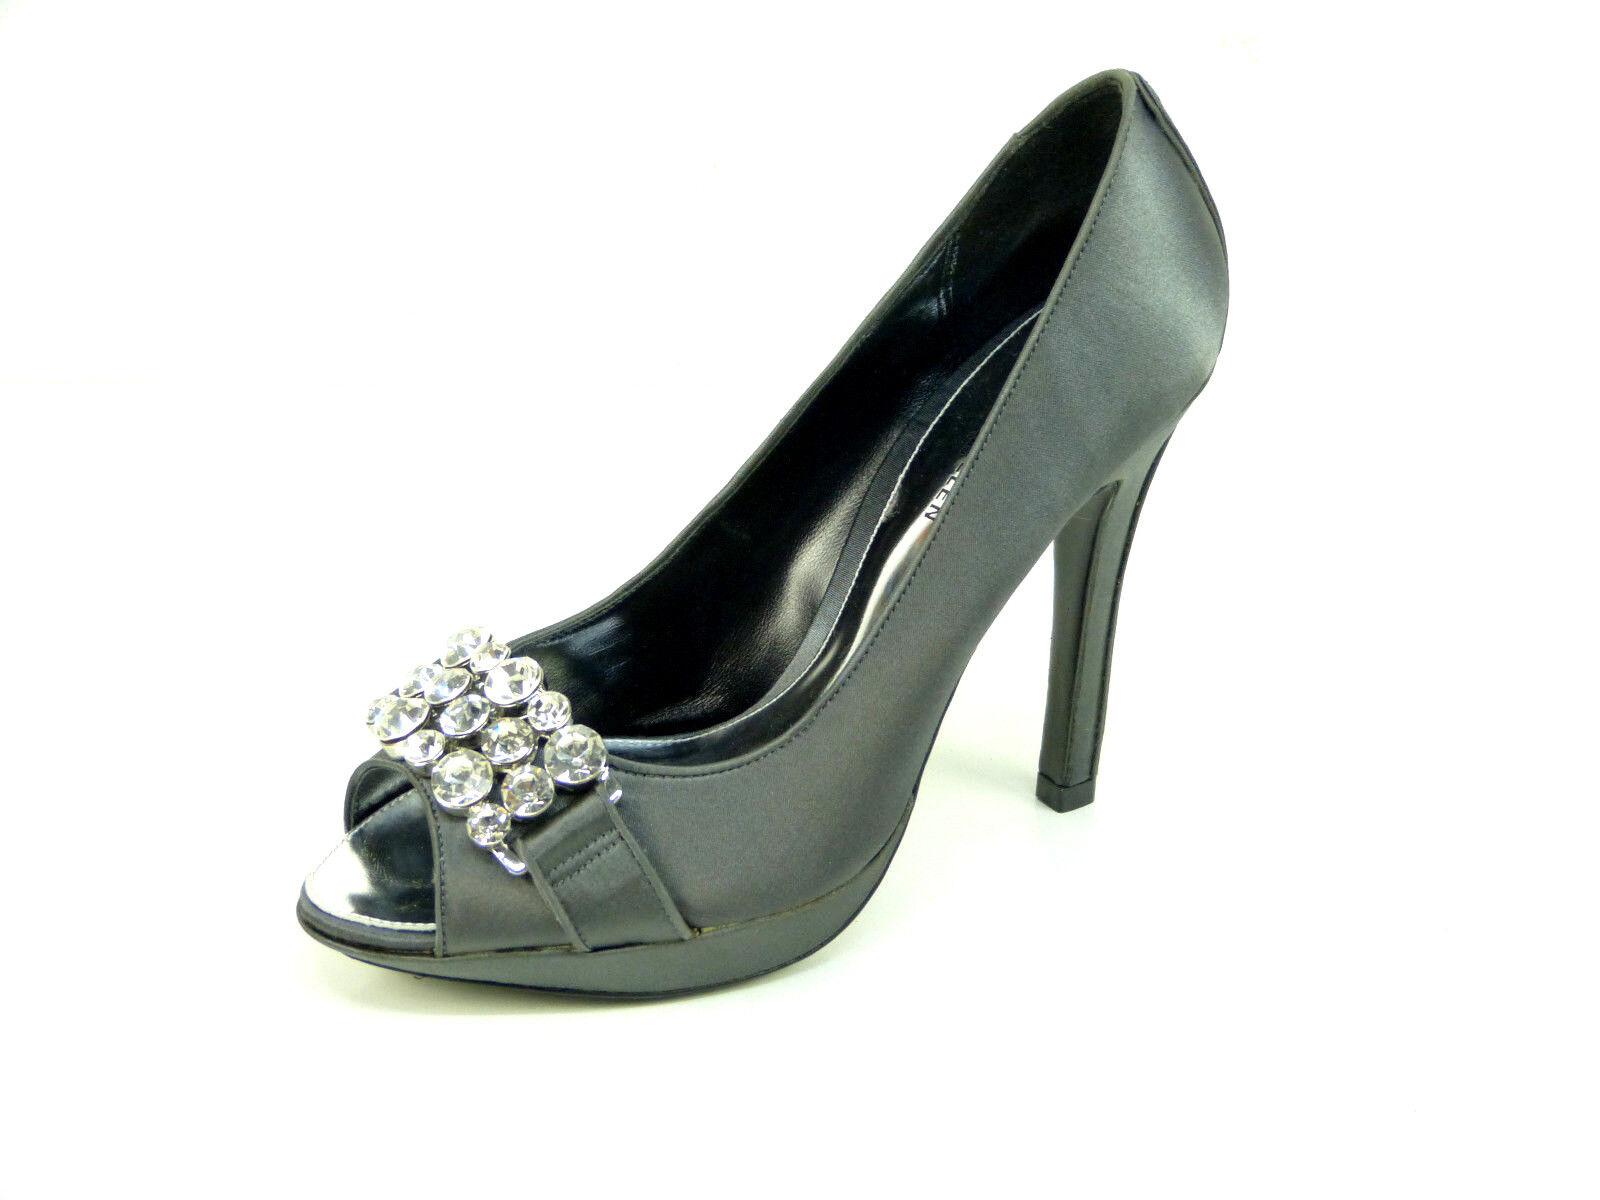 Karen Millen Pump storlek 36  grå grå grå med stenar & Luxury Pur ny (O 5633)  wholesape billig